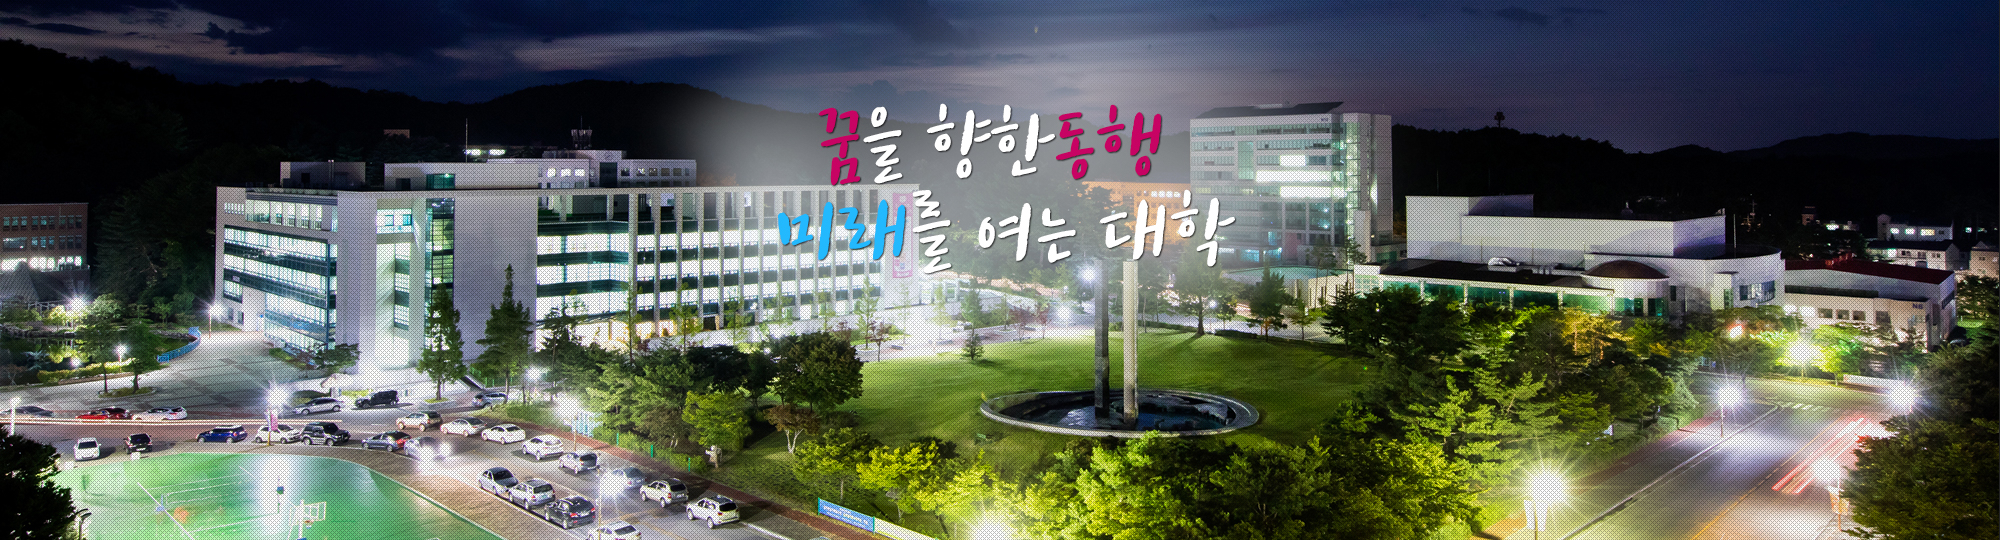 Khuôn viên Đại học Quốc gia Gangneung Wonju